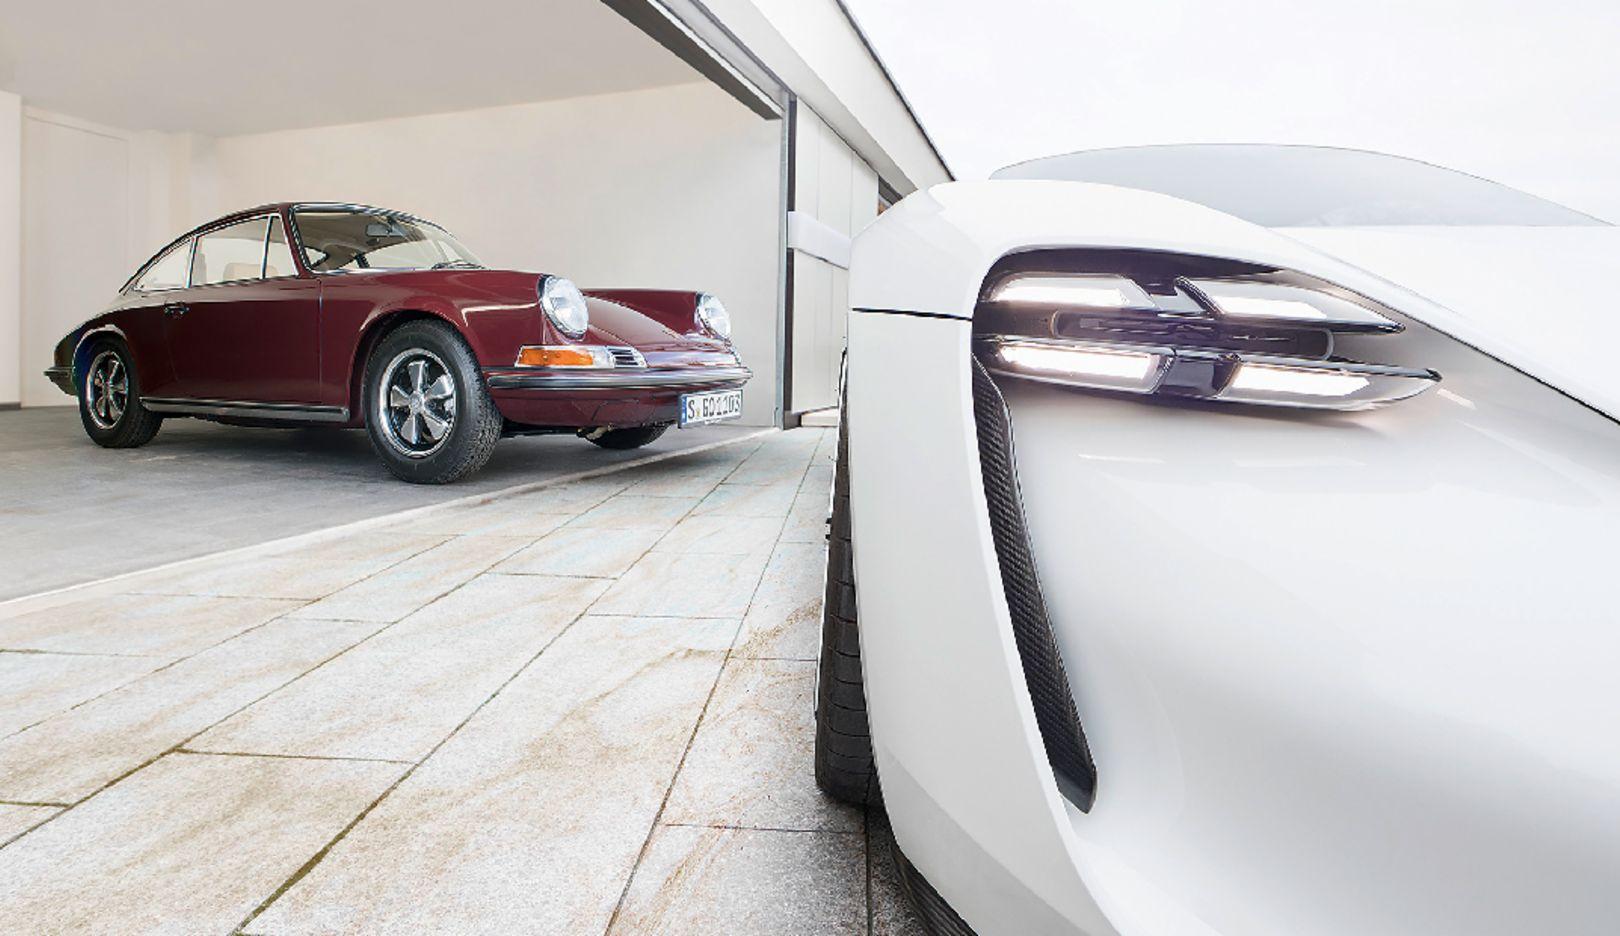 911 E, Mission E Konzeptstudie, l-r, 2018, Porsche AG